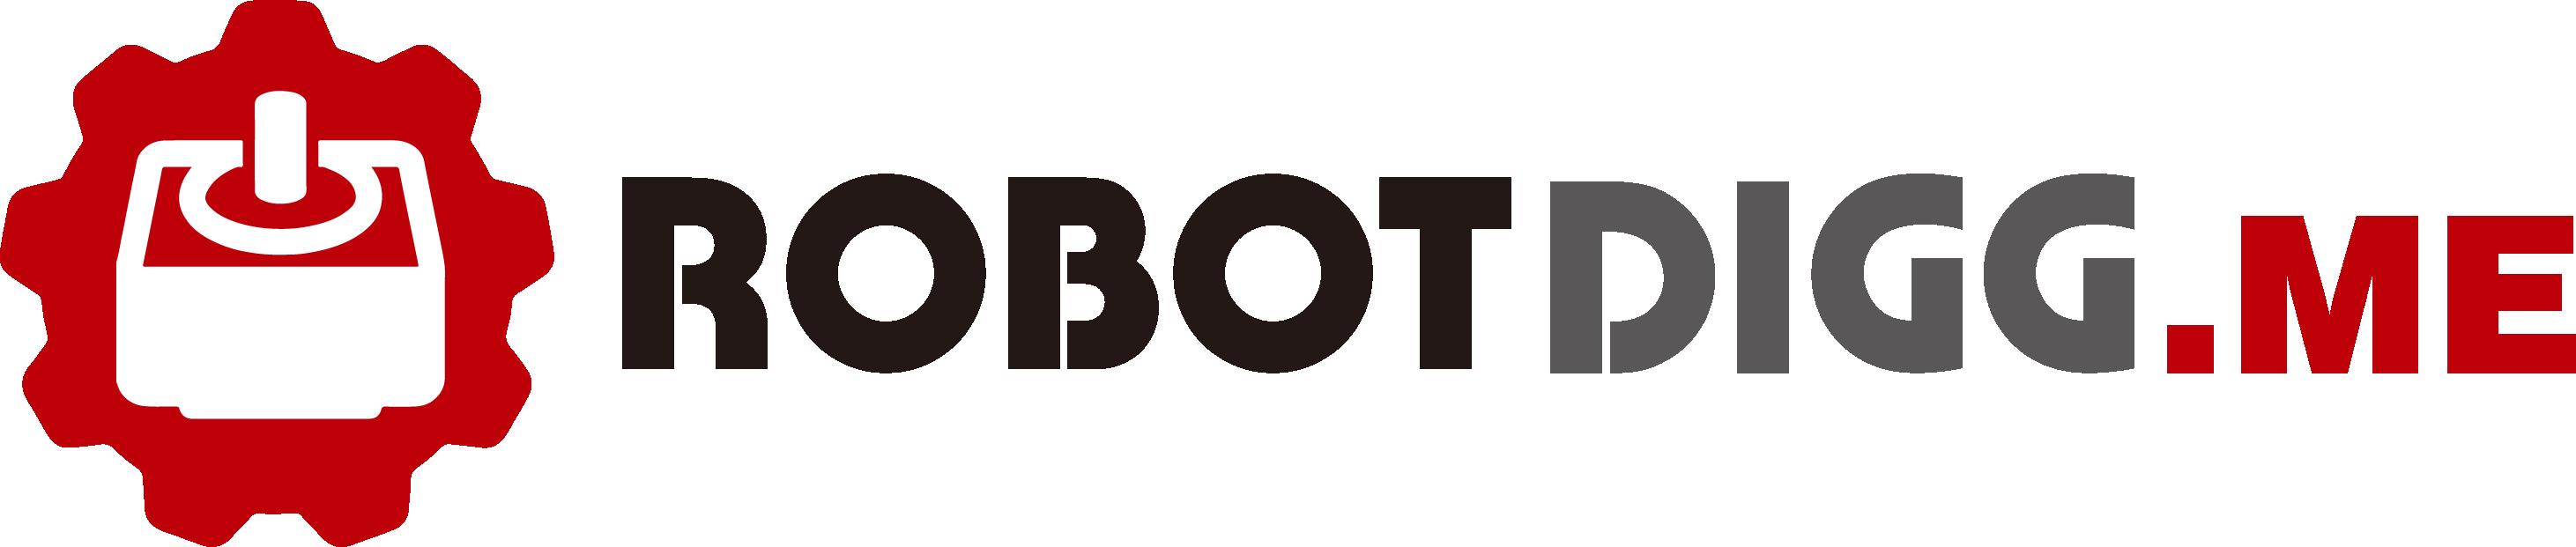 robotdigg me